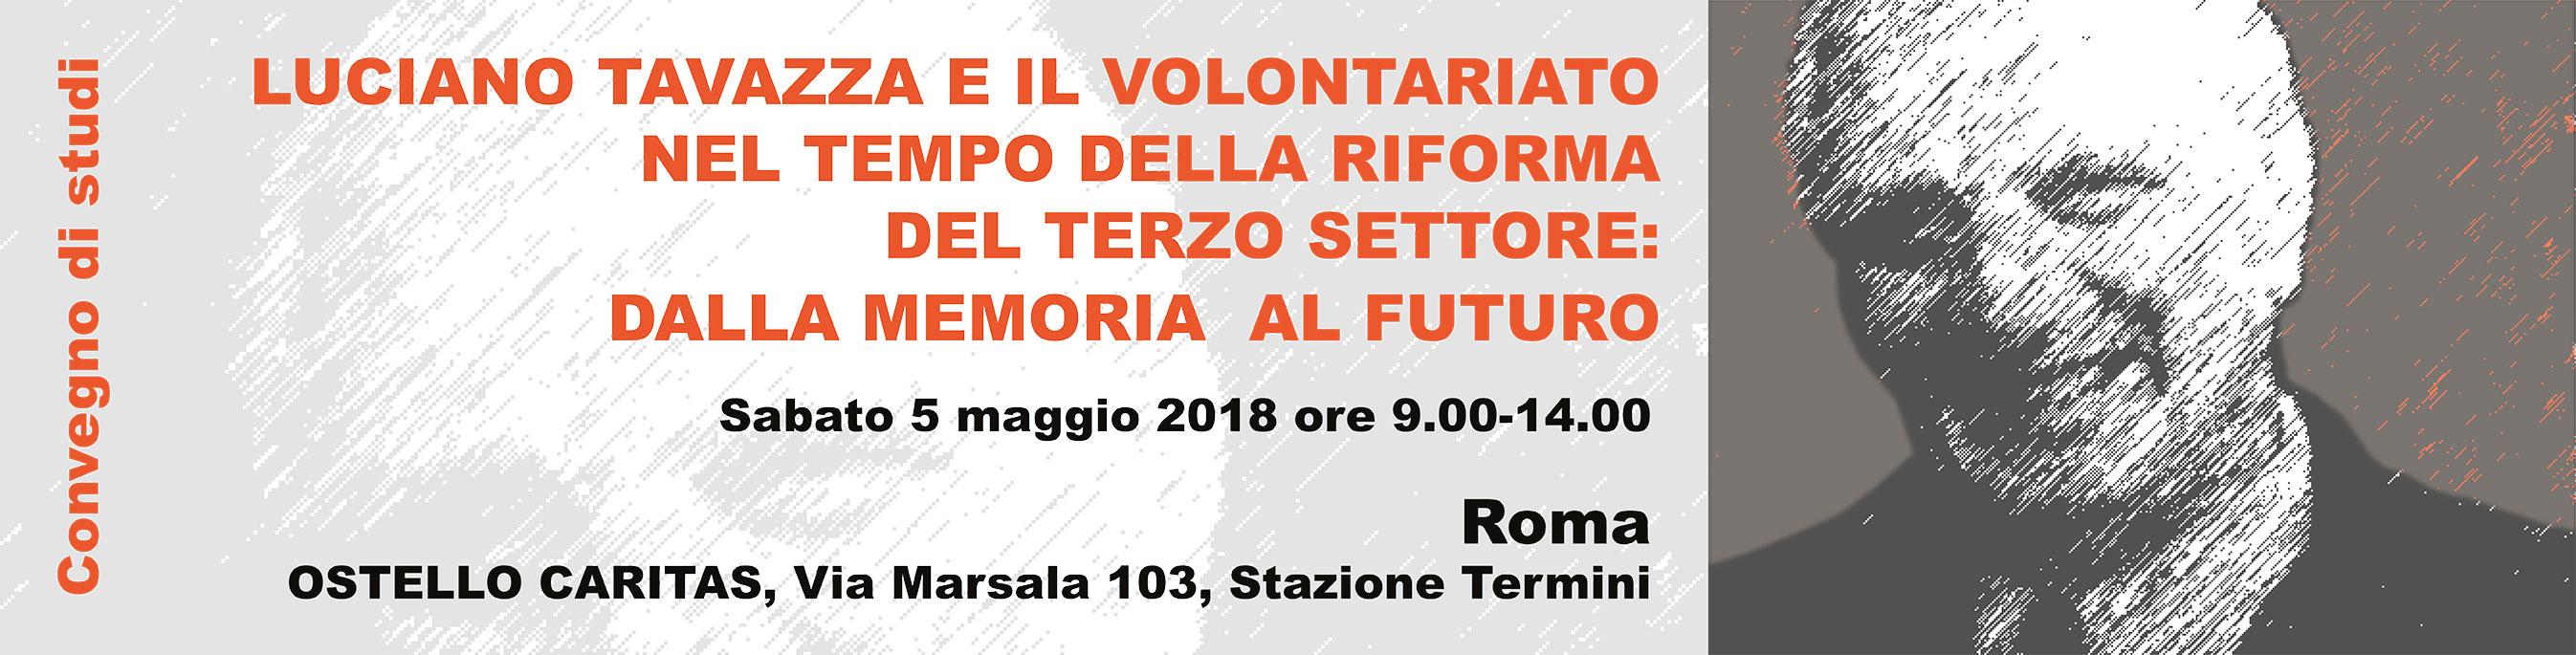 Luciano Tavazza e il volontariato al tempo della riforma del terzo settore: dalla memoria al futuro